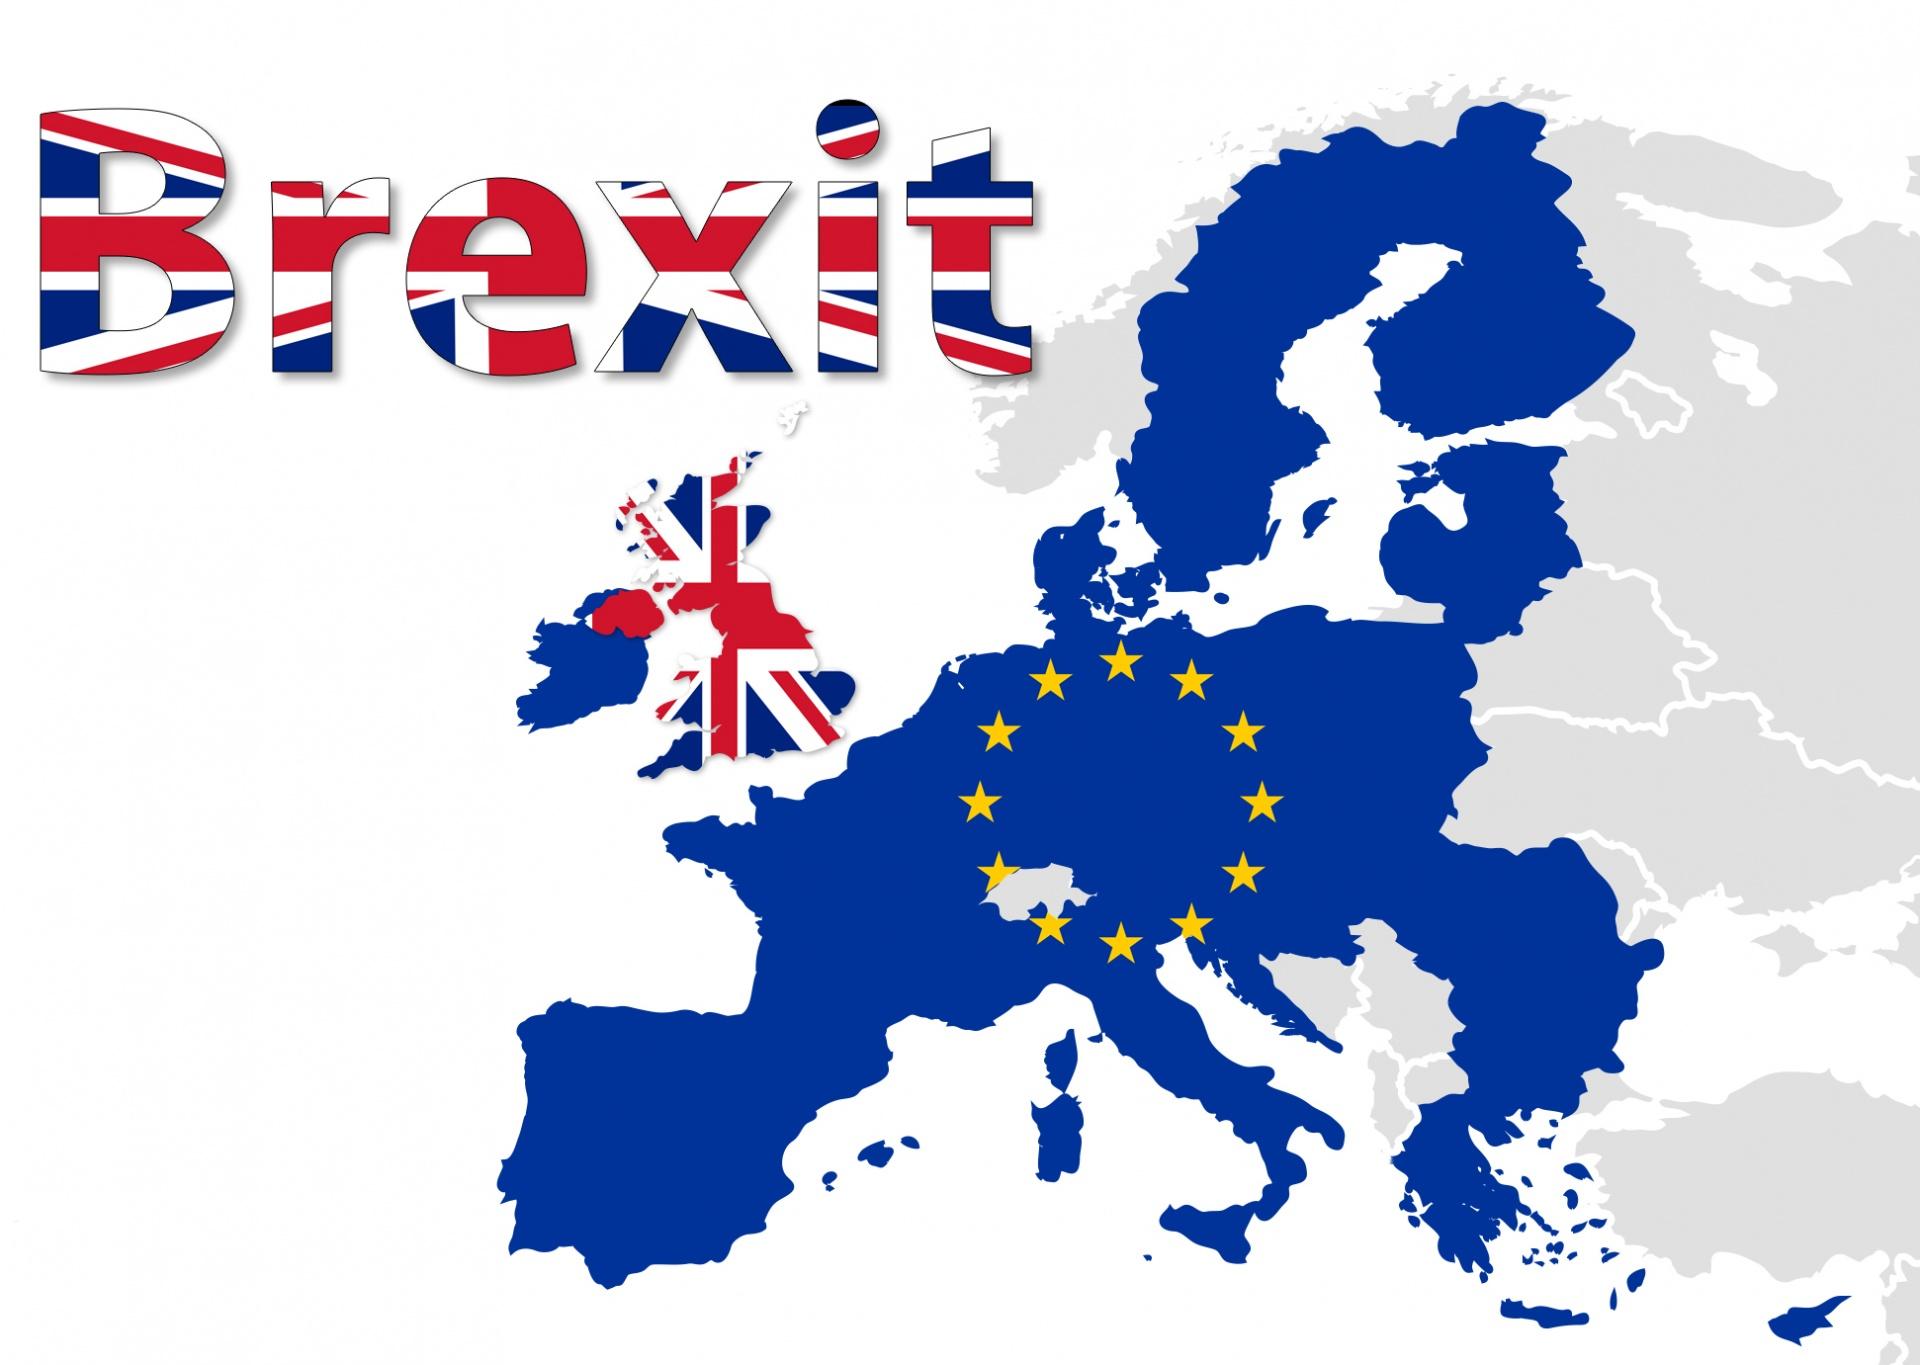 Should they stay or should they go? frågas sig Storbritannien angående EU-medlemsskapet. Illustration Public Domain.